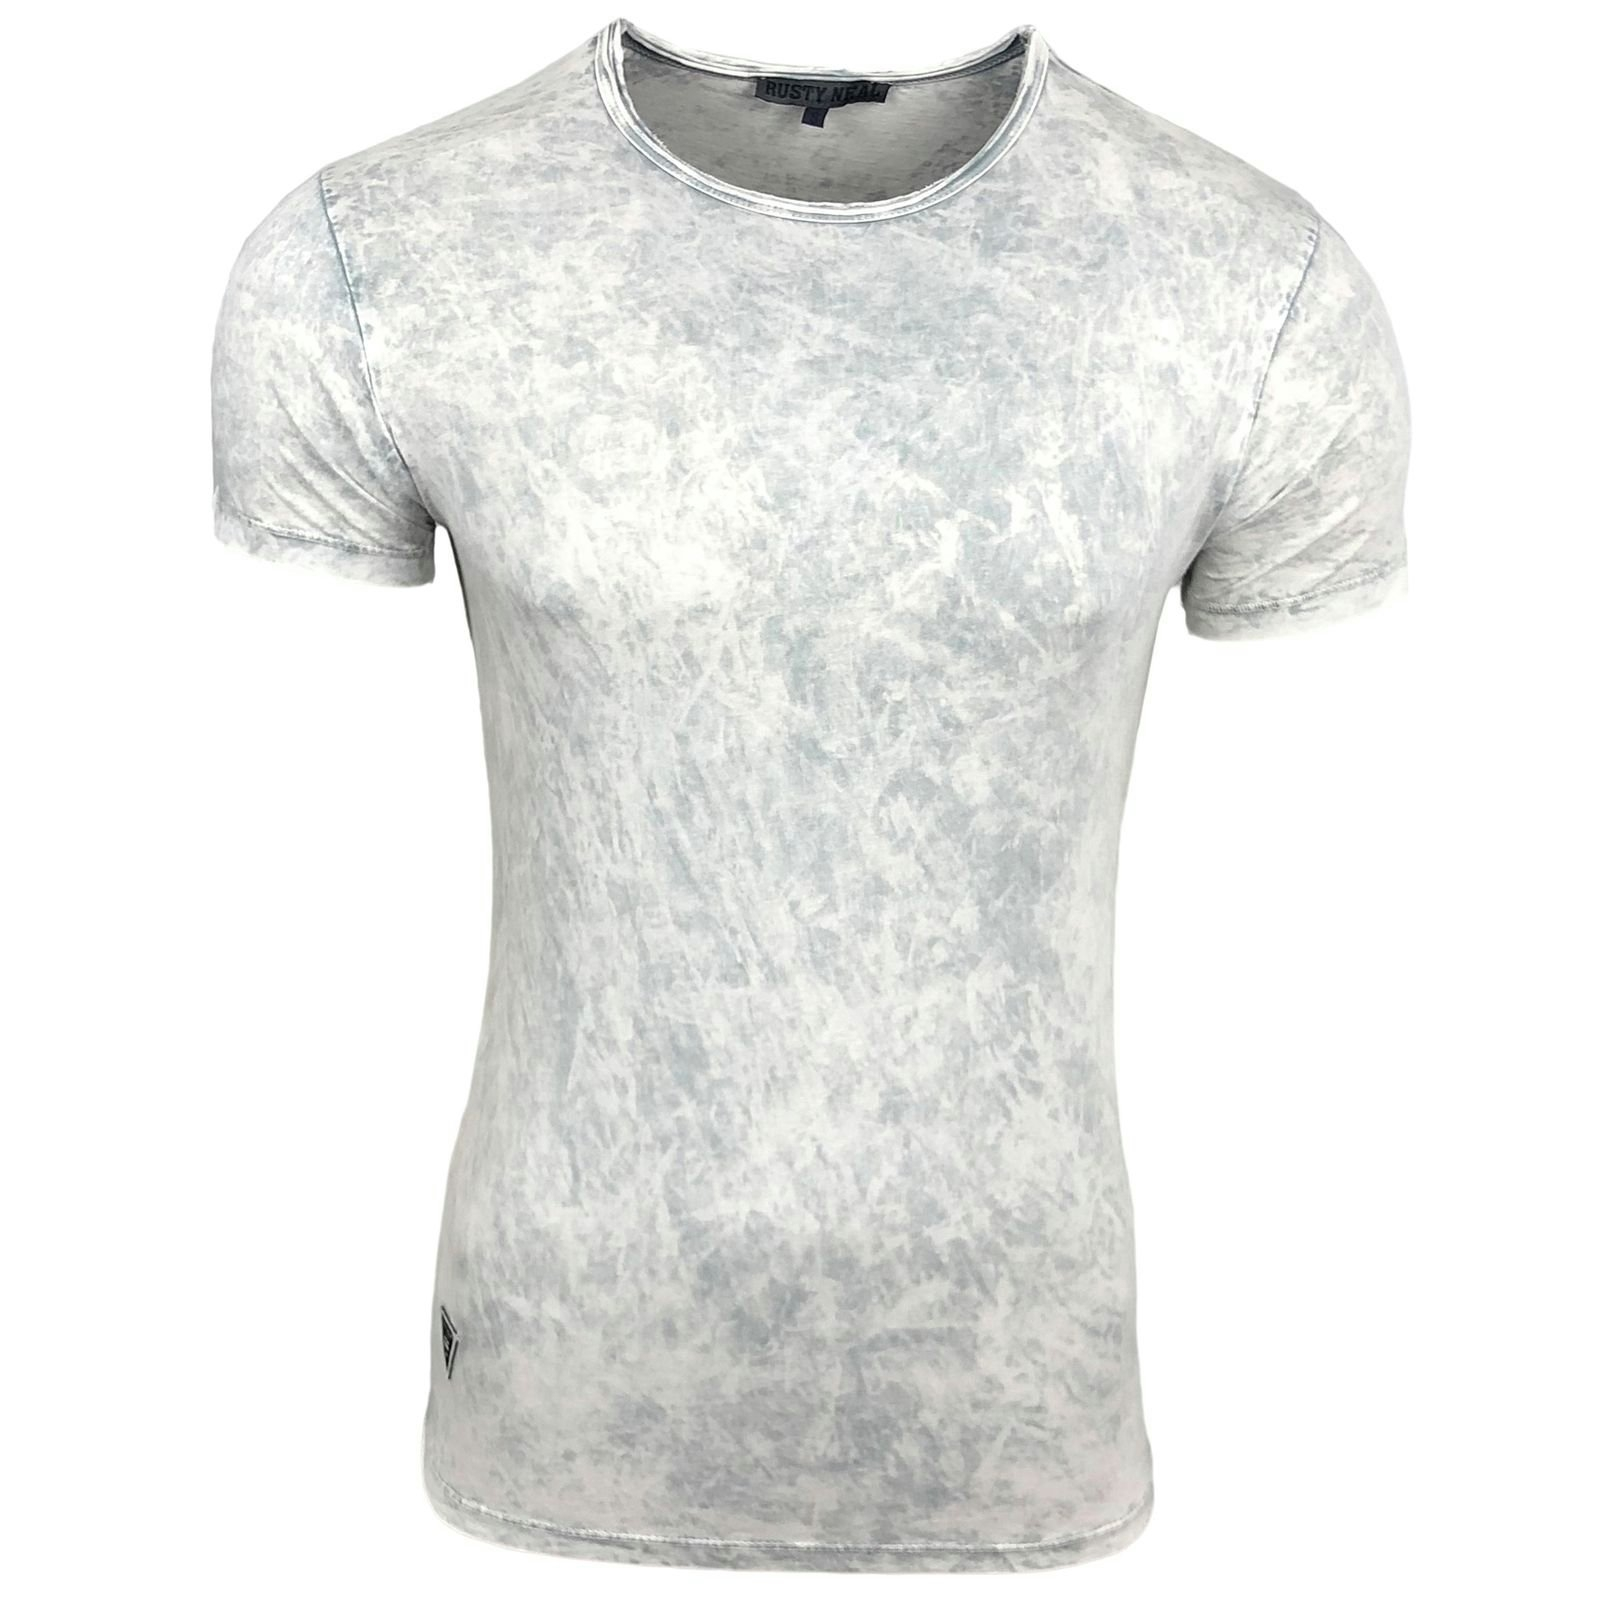 Rusty Neal T-shirt goedkoop op otto.nl kopen